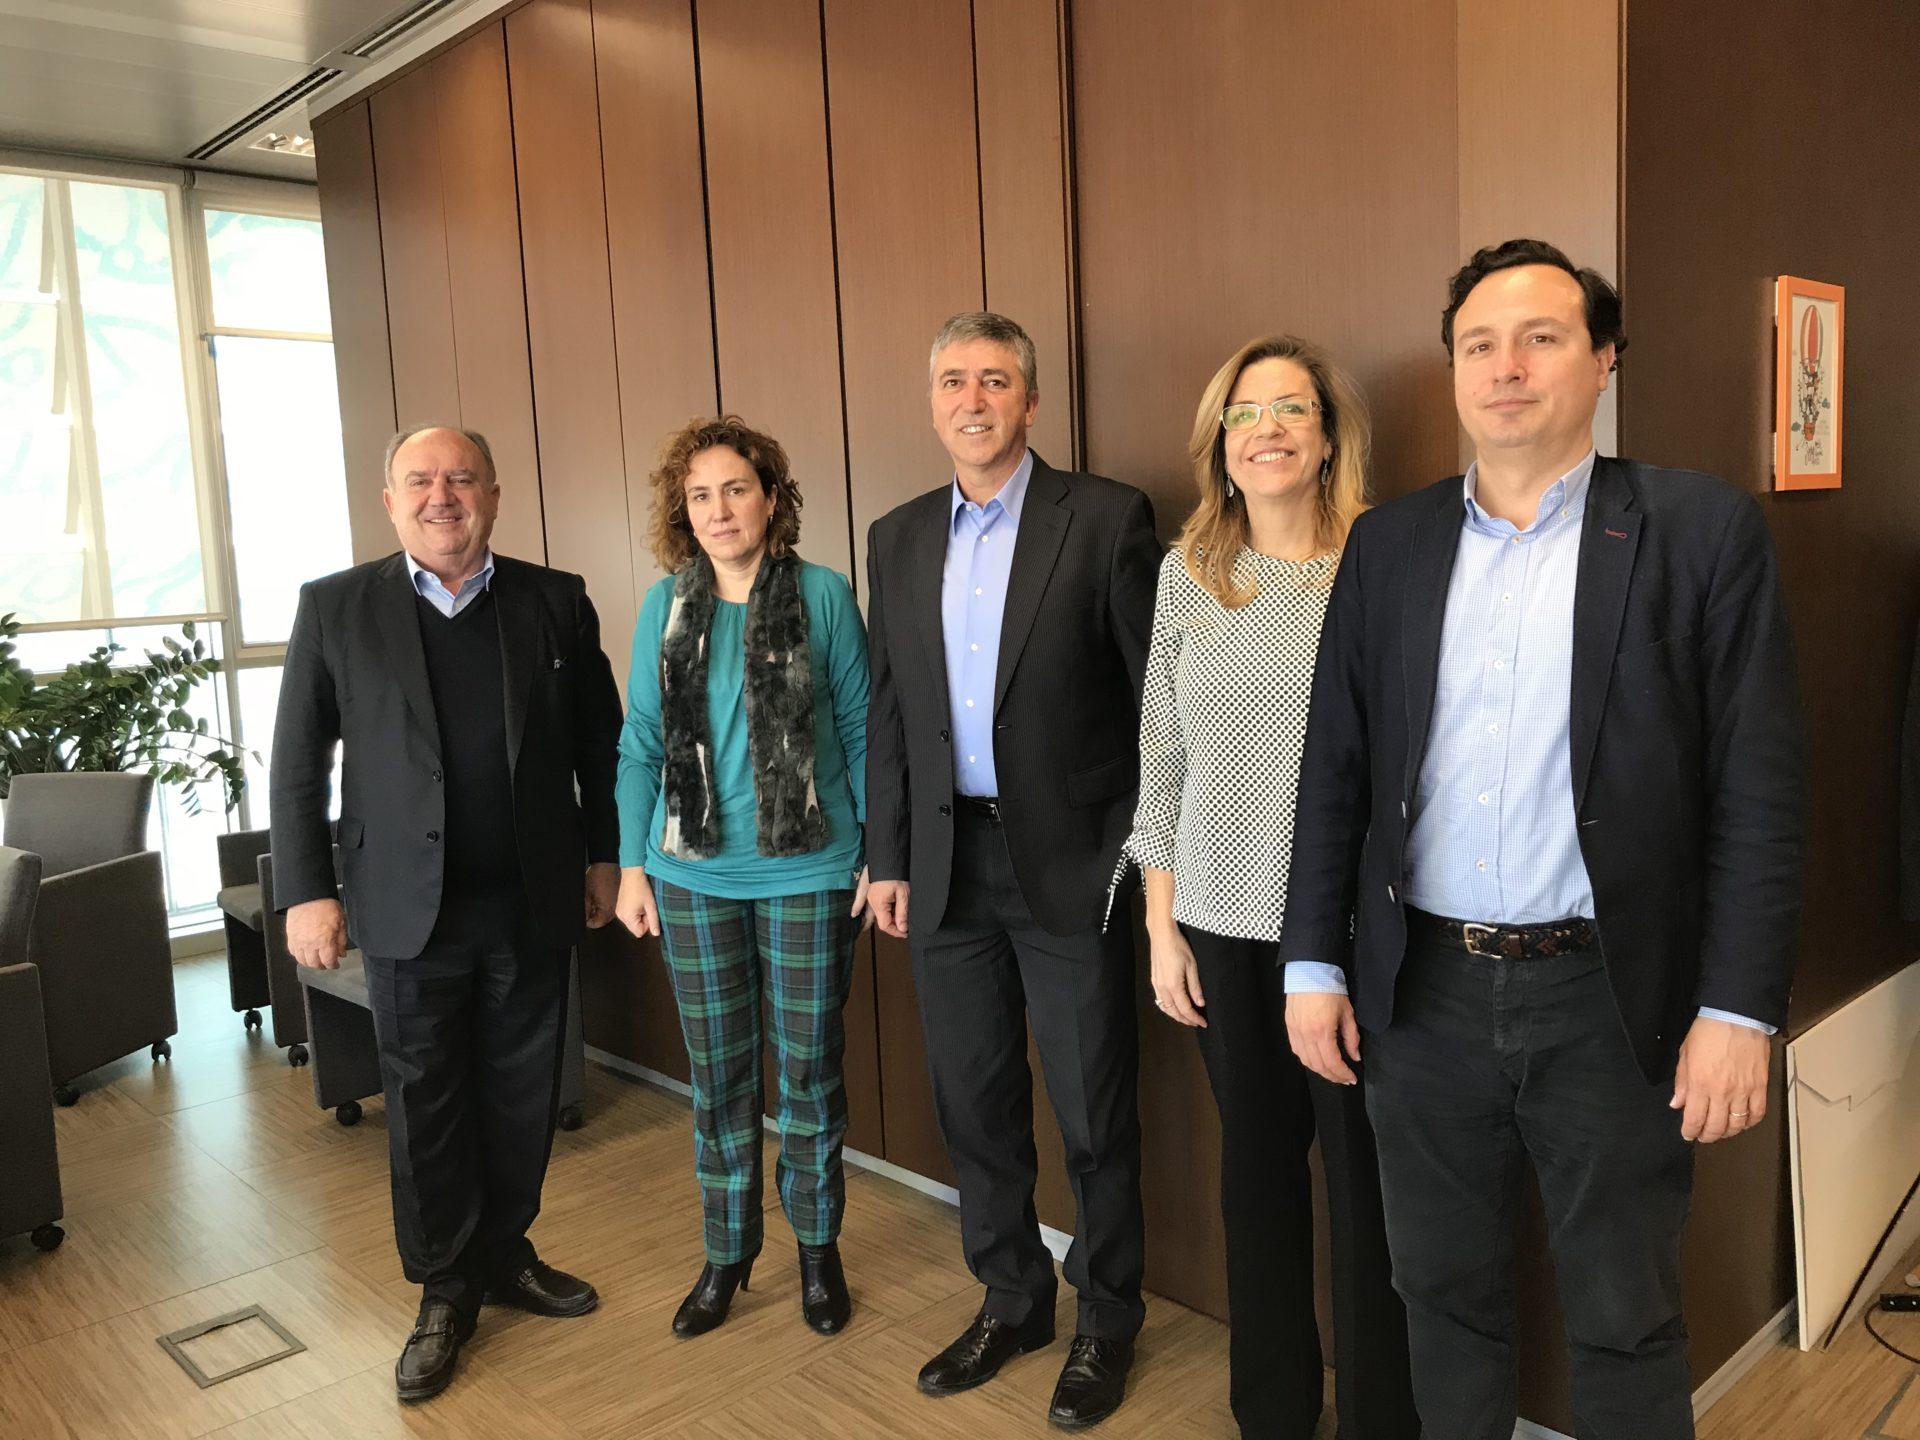 Reunió de FEPEVAL amb el Conseller Rafael Climent i la directora general del IVACE Júlia Company.